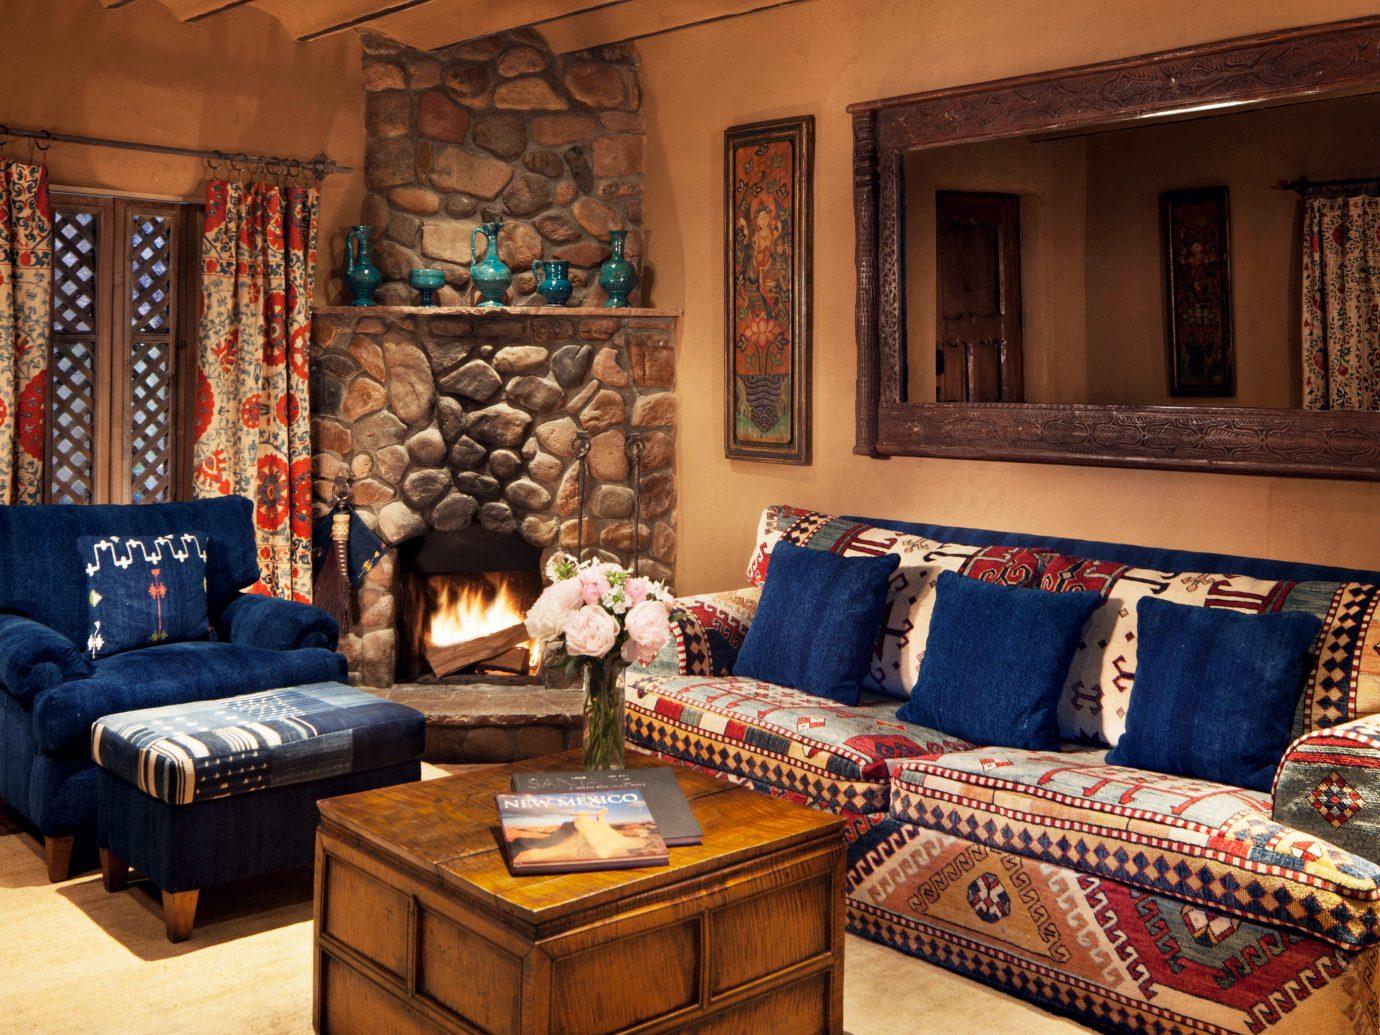 Trip Ideas indoor room living room Living home interior design estate furniture decorated